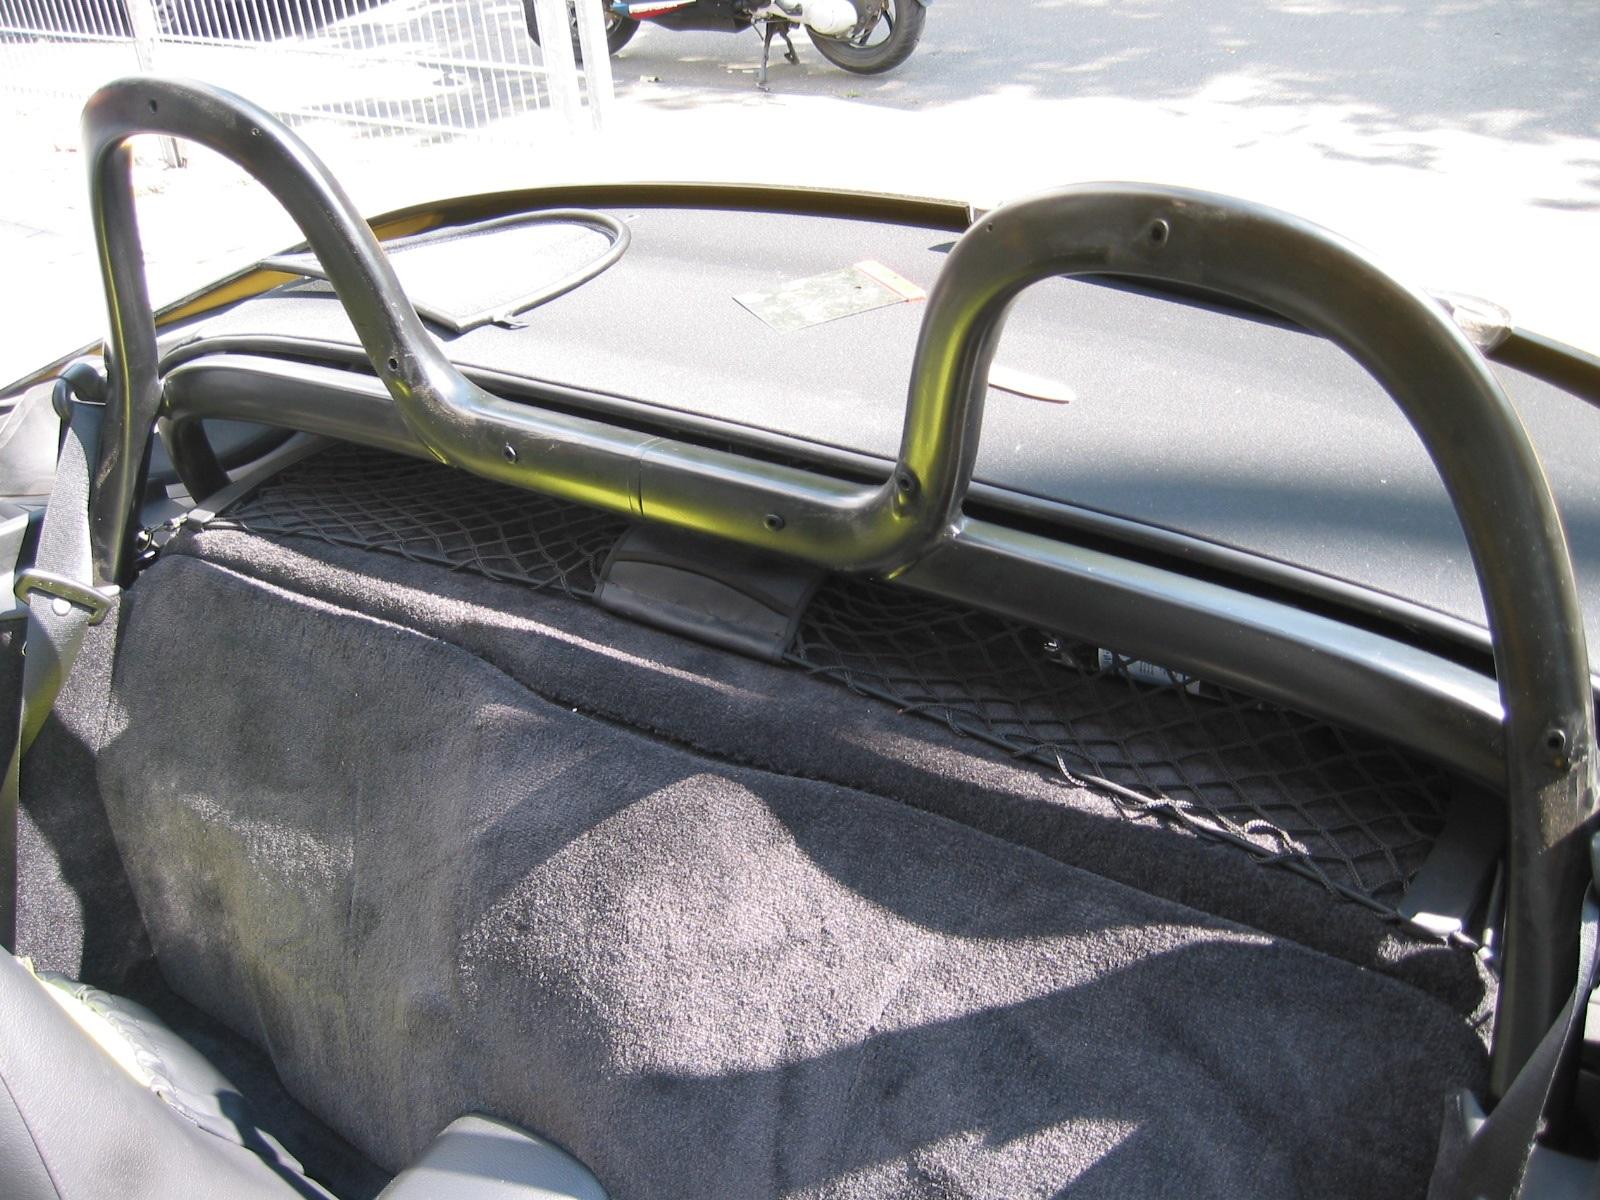 AIRAX Windschott für Porsche Boxster Typ 986 Bj.1996 bis 2004